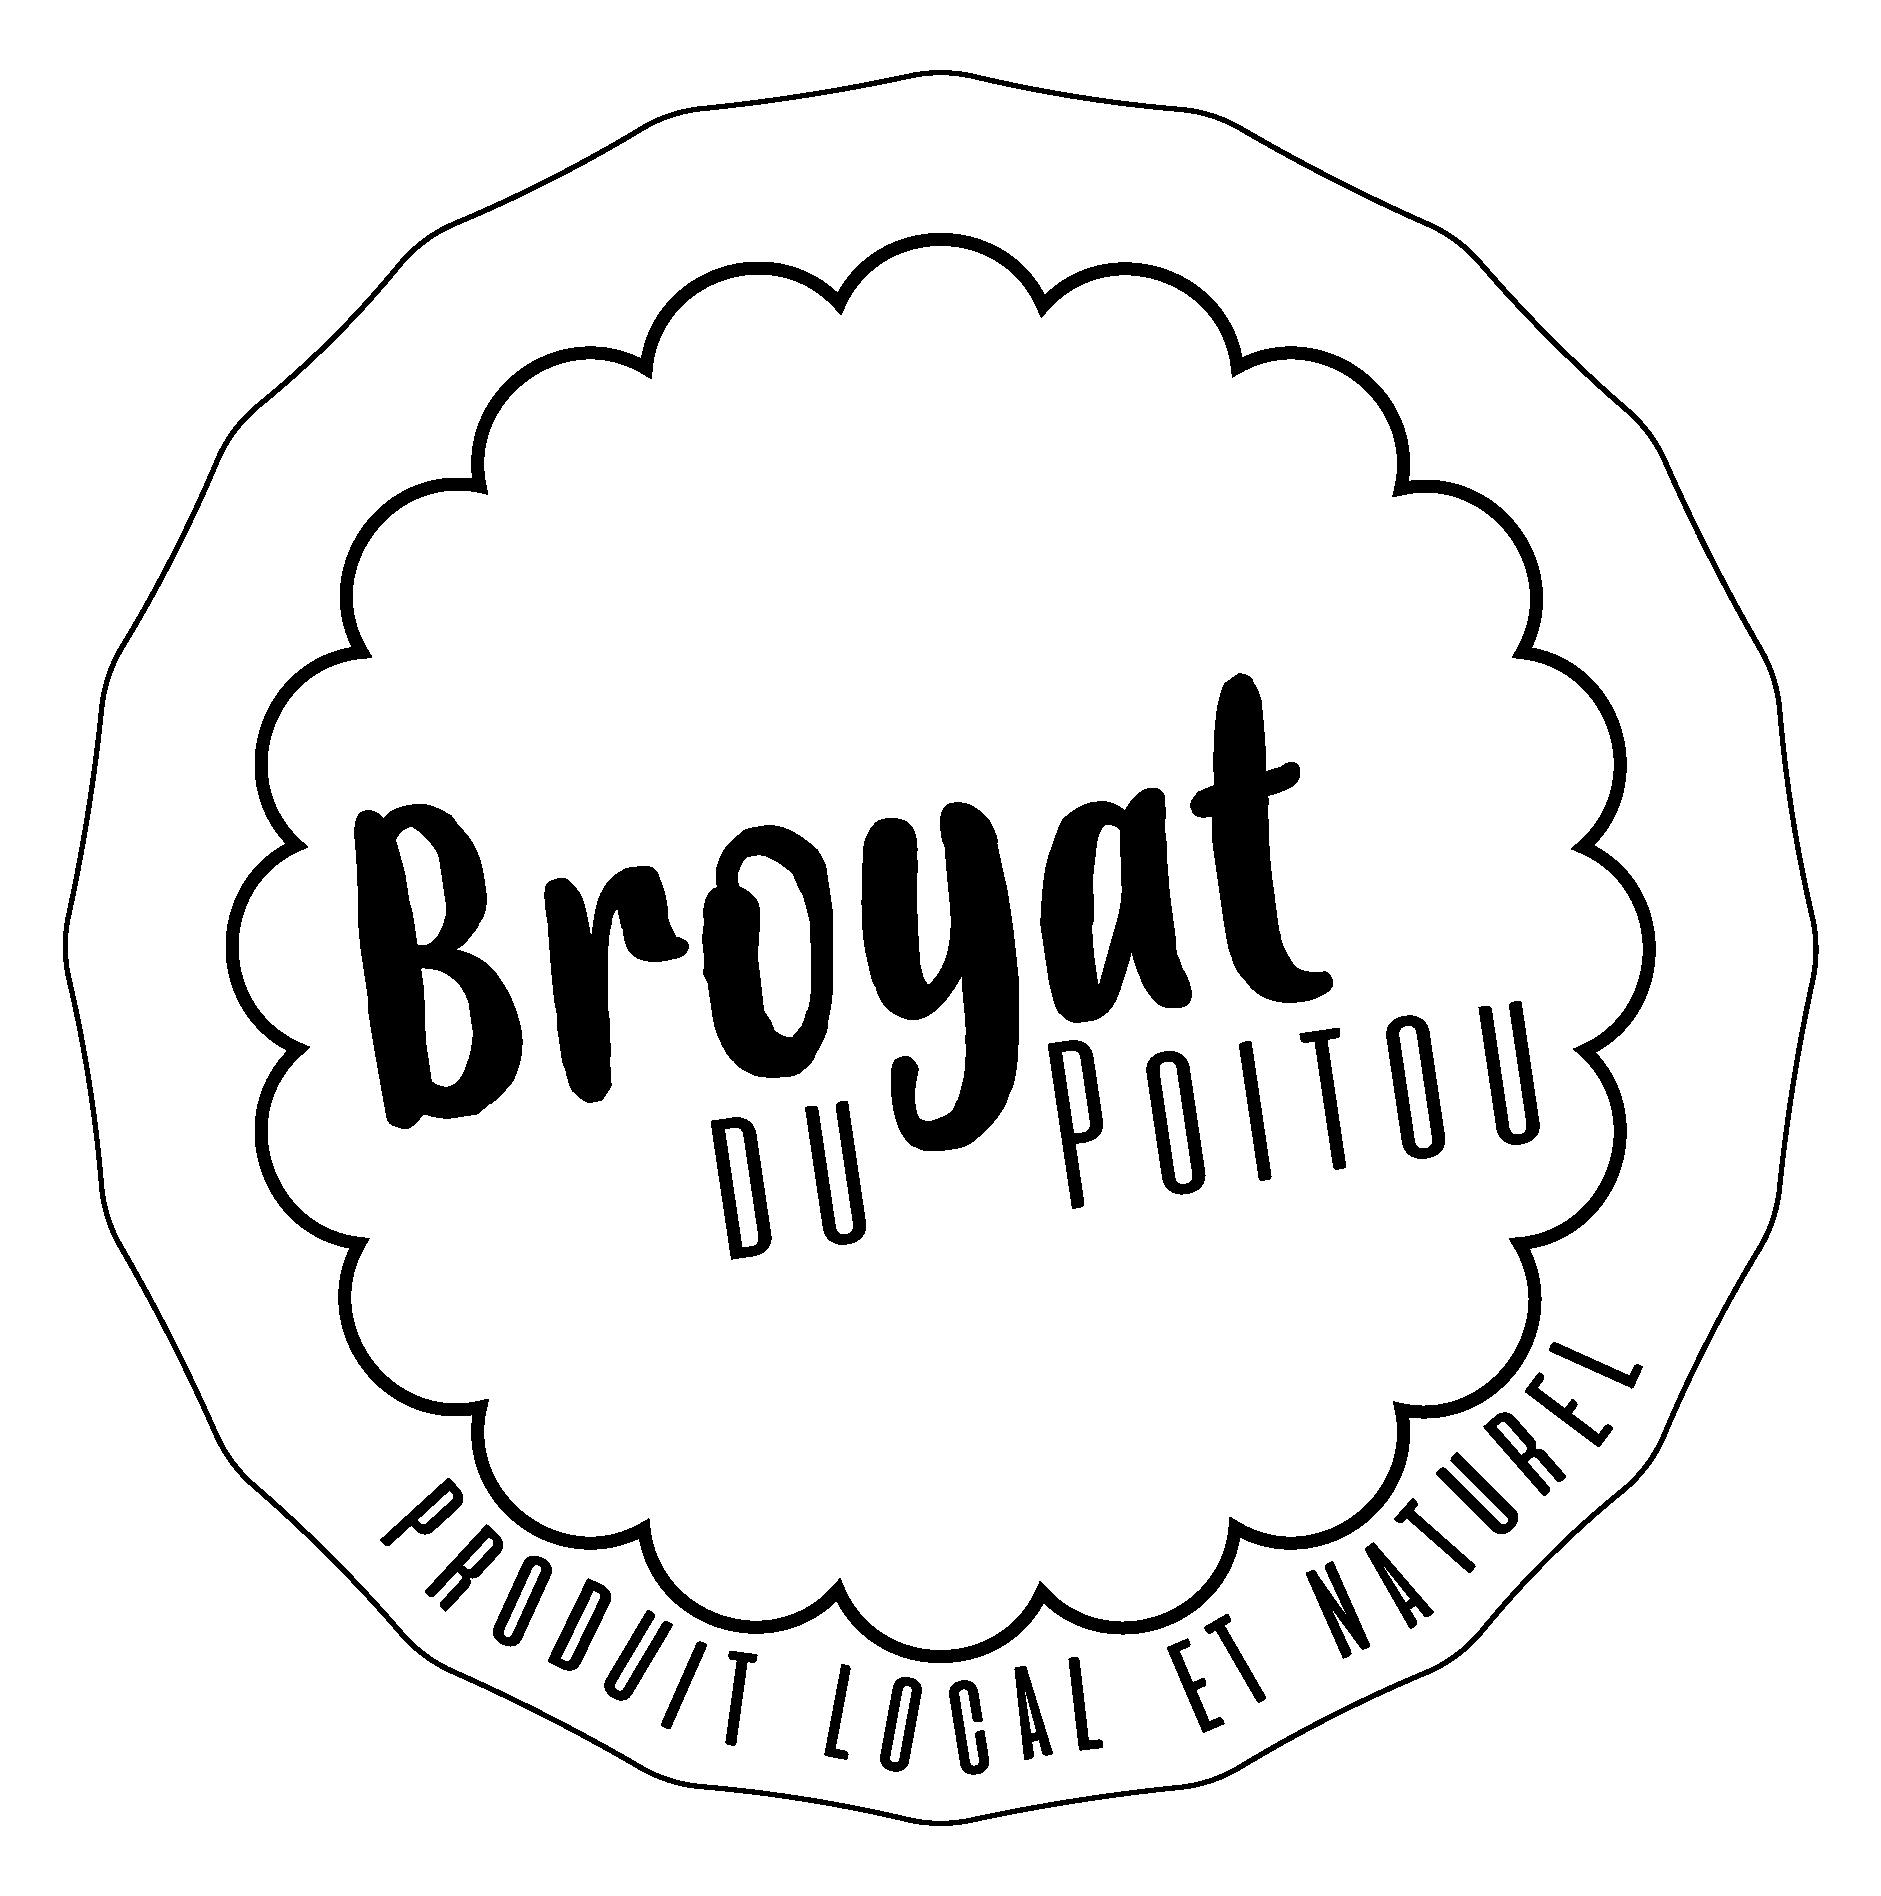 Le Broyat du Poitou